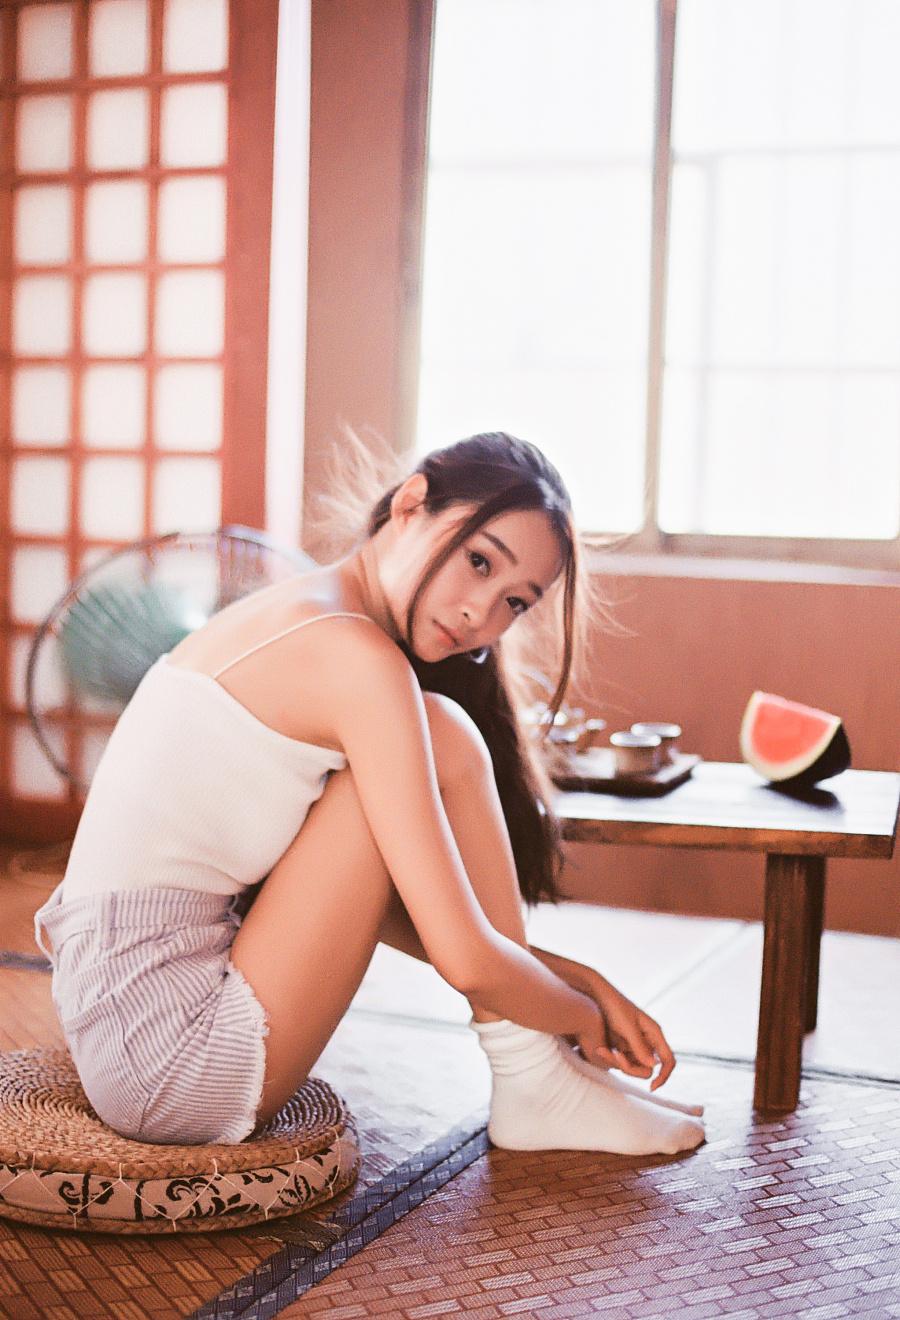 夏日少女 摄影 HUANGZHIYUE 原创设计作品图片